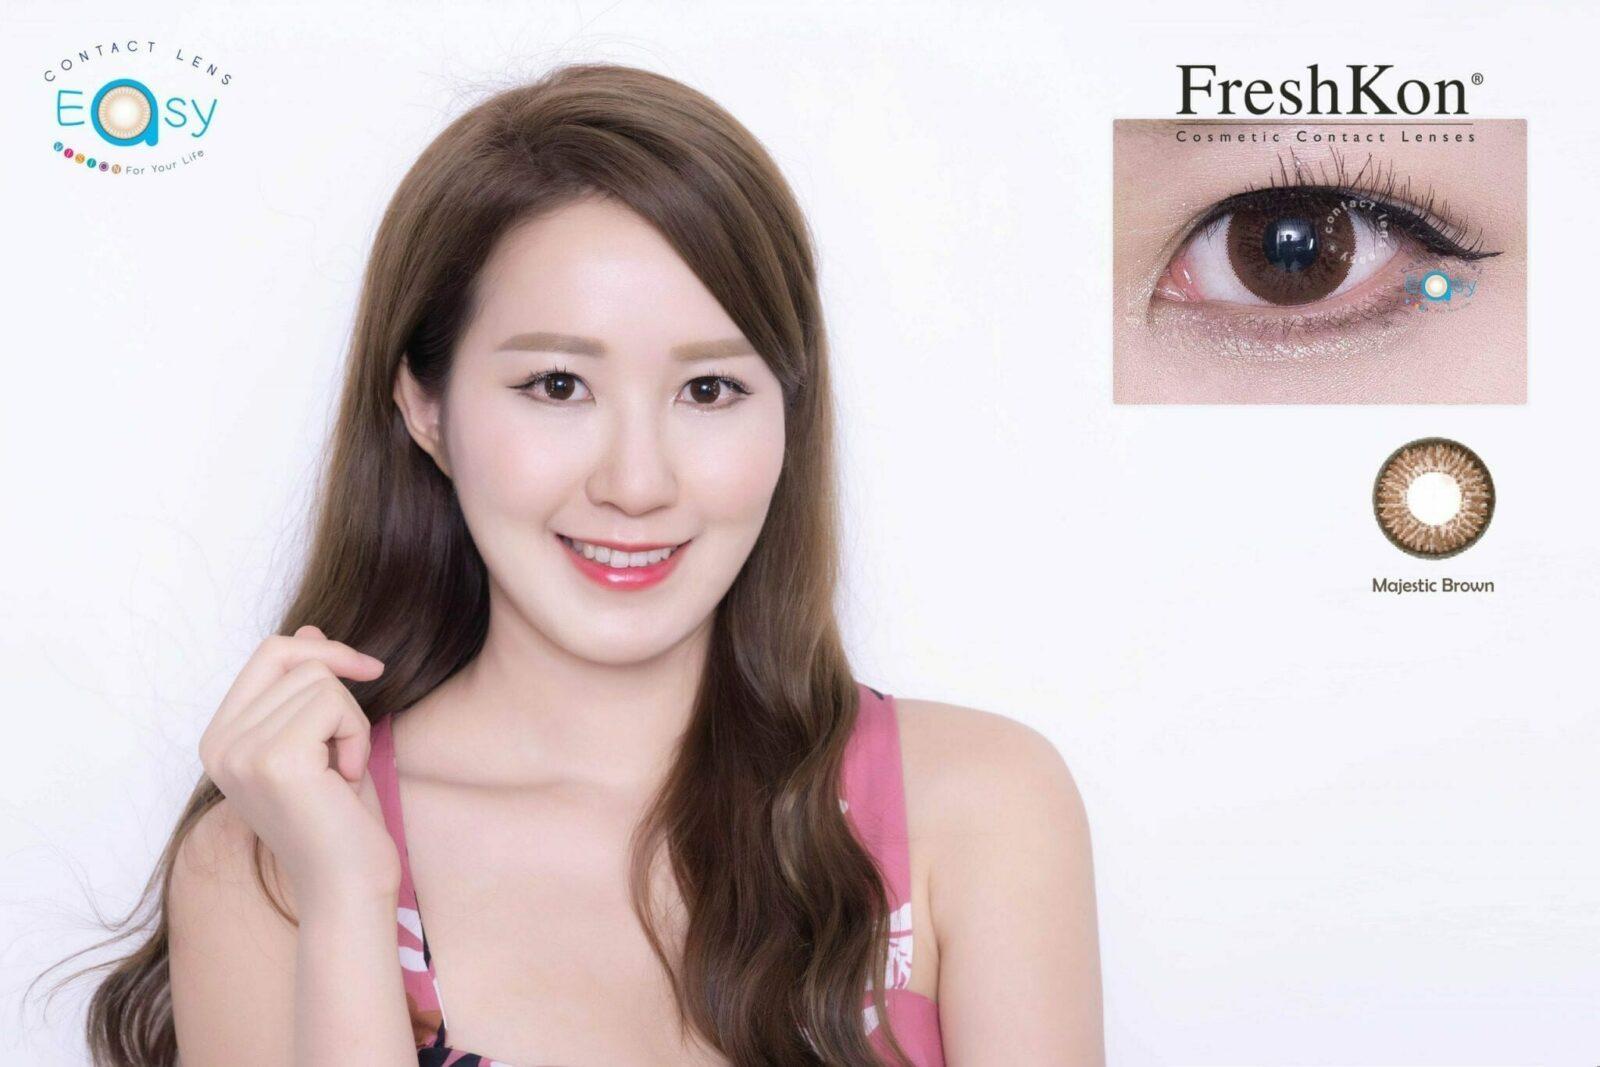 Freshkon Alluring Eyes 大美目 1 Day_info1